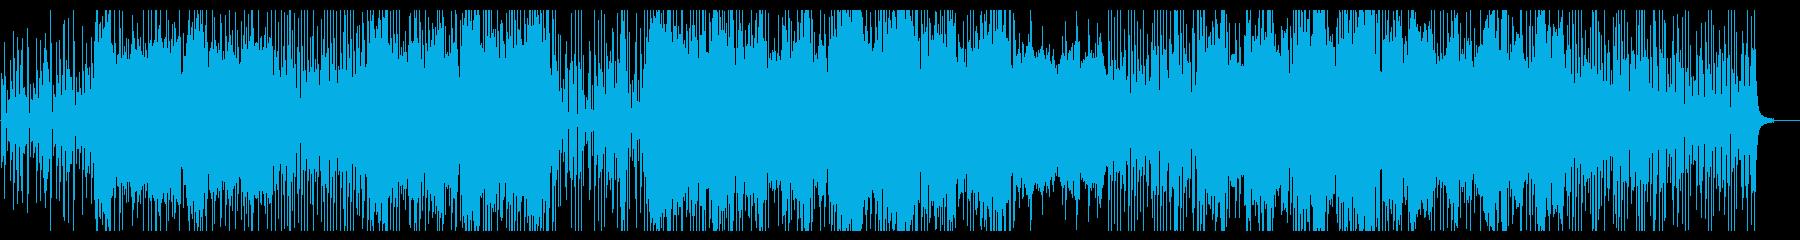 軽快でハッピーなアコースティックポップの再生済みの波形